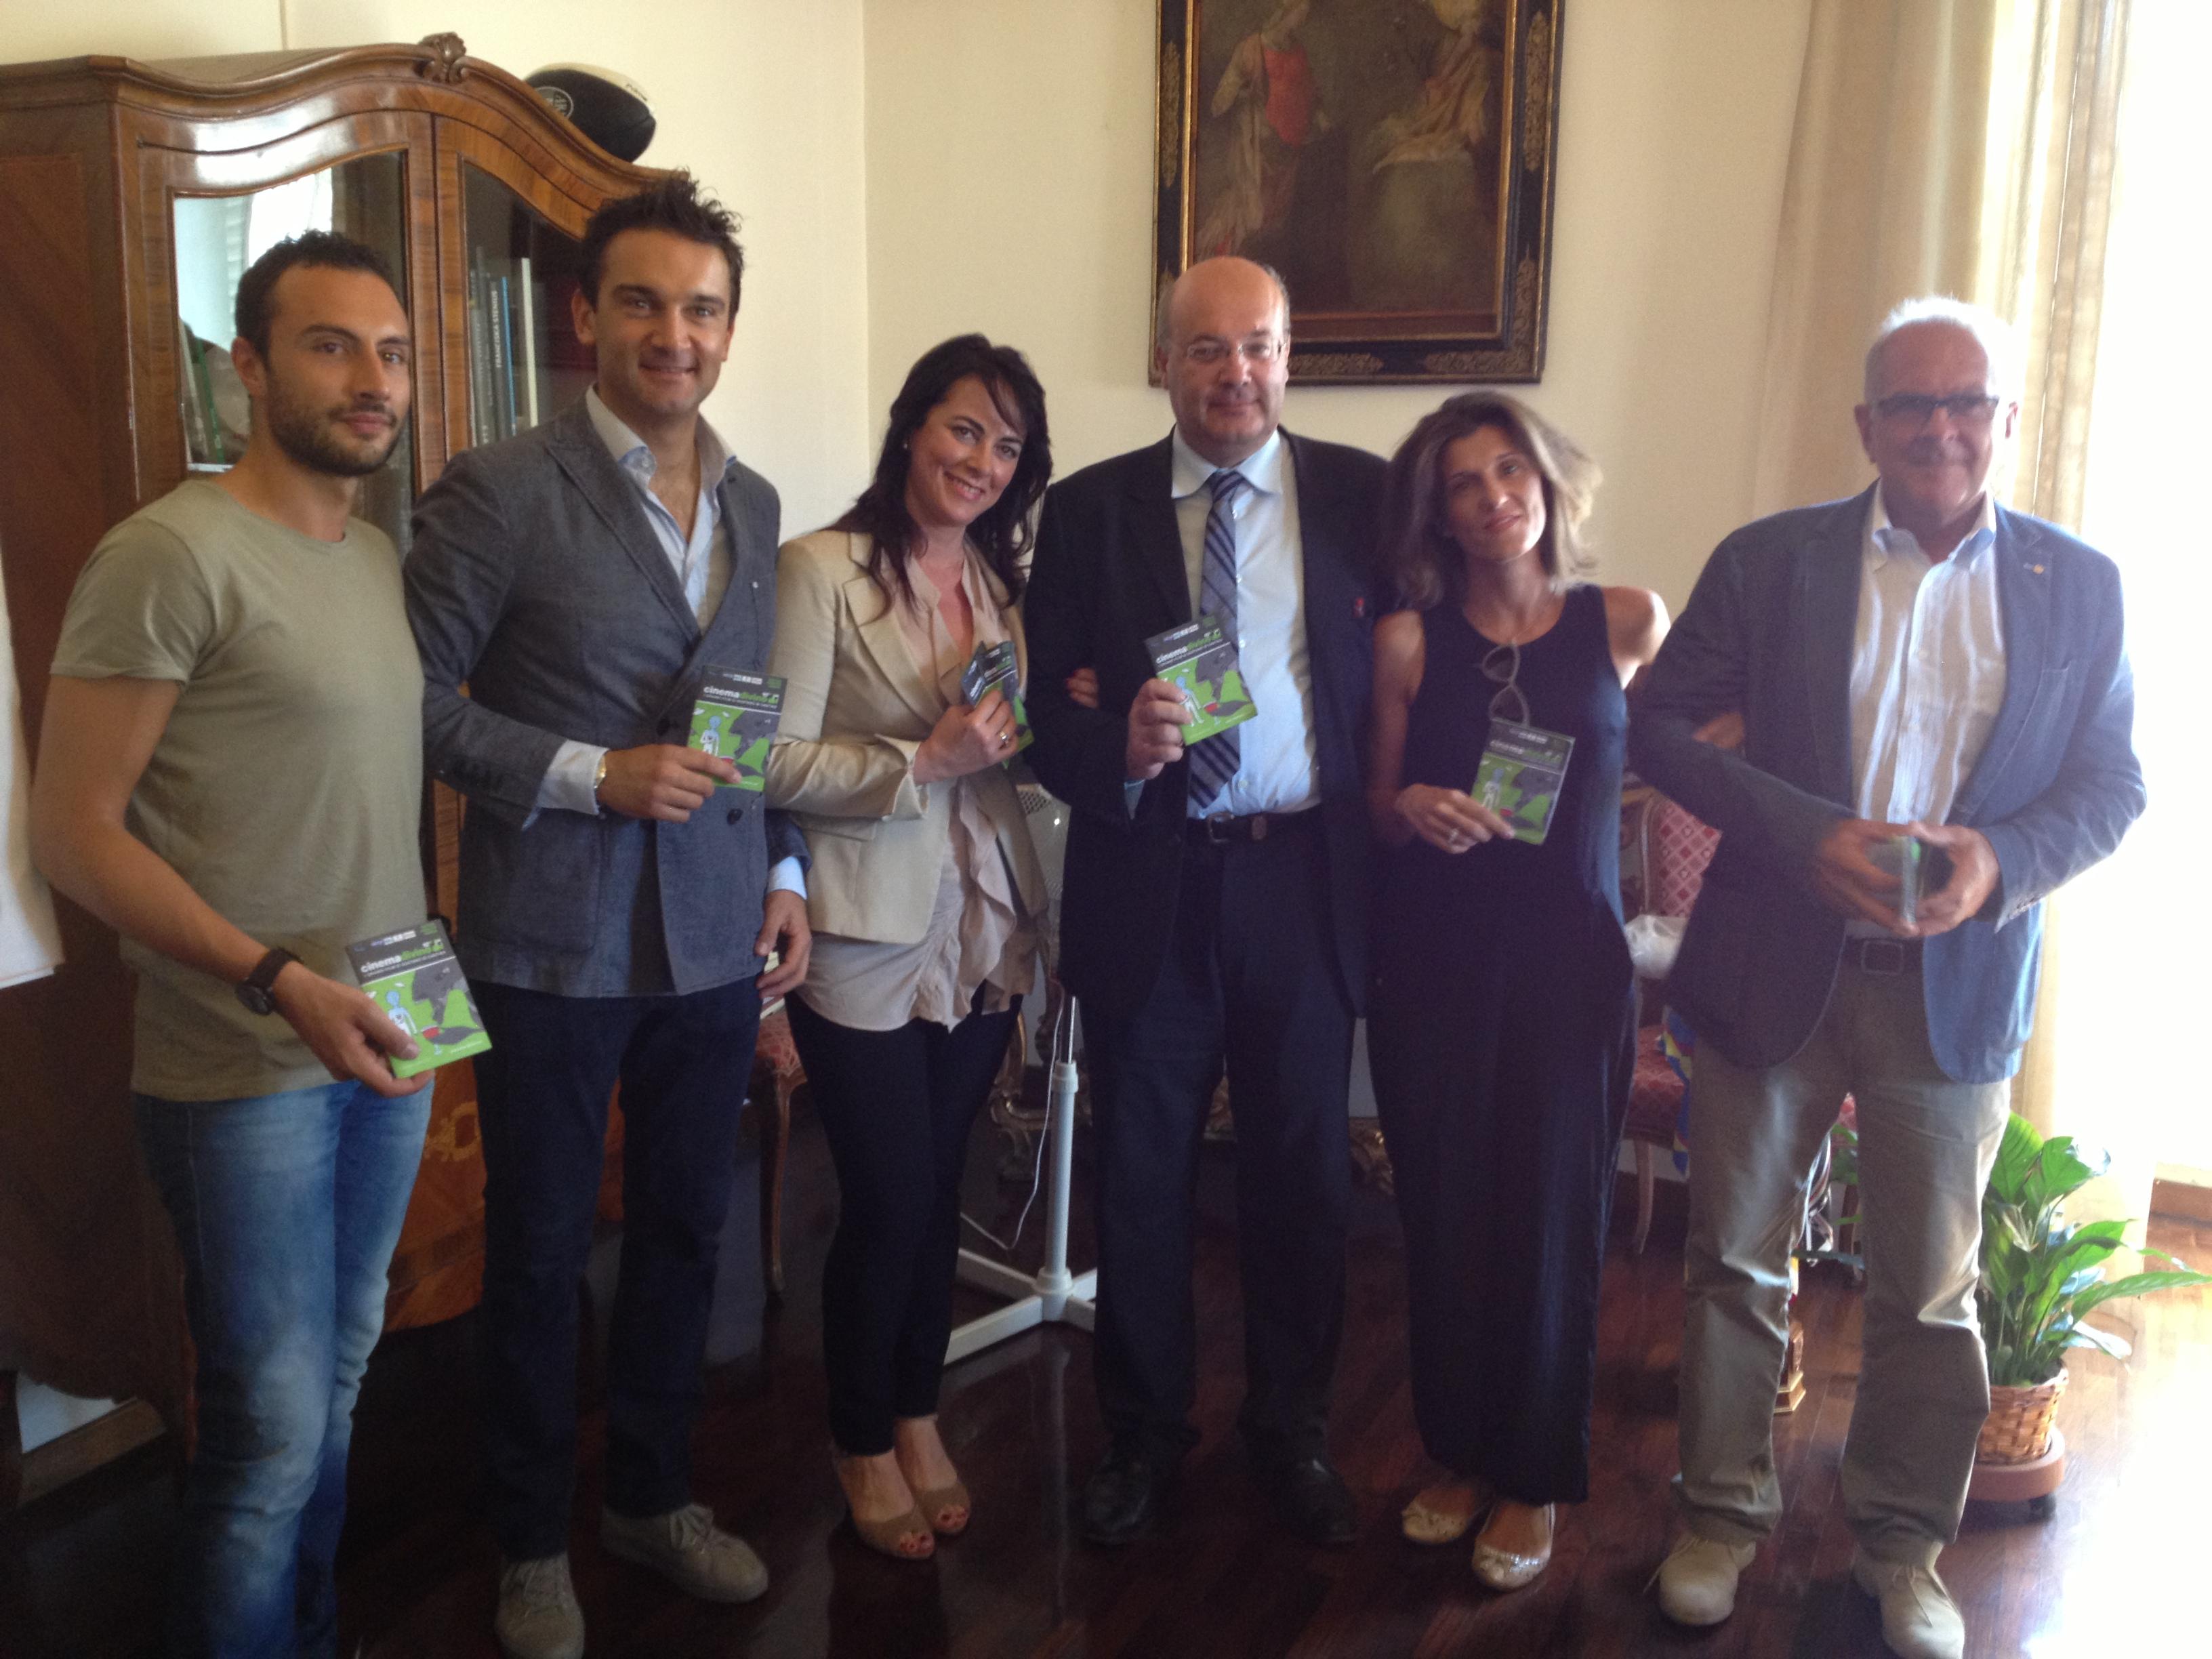 il gruppo dell'experience con l'assessore silvestri e il presidente bucciarelli